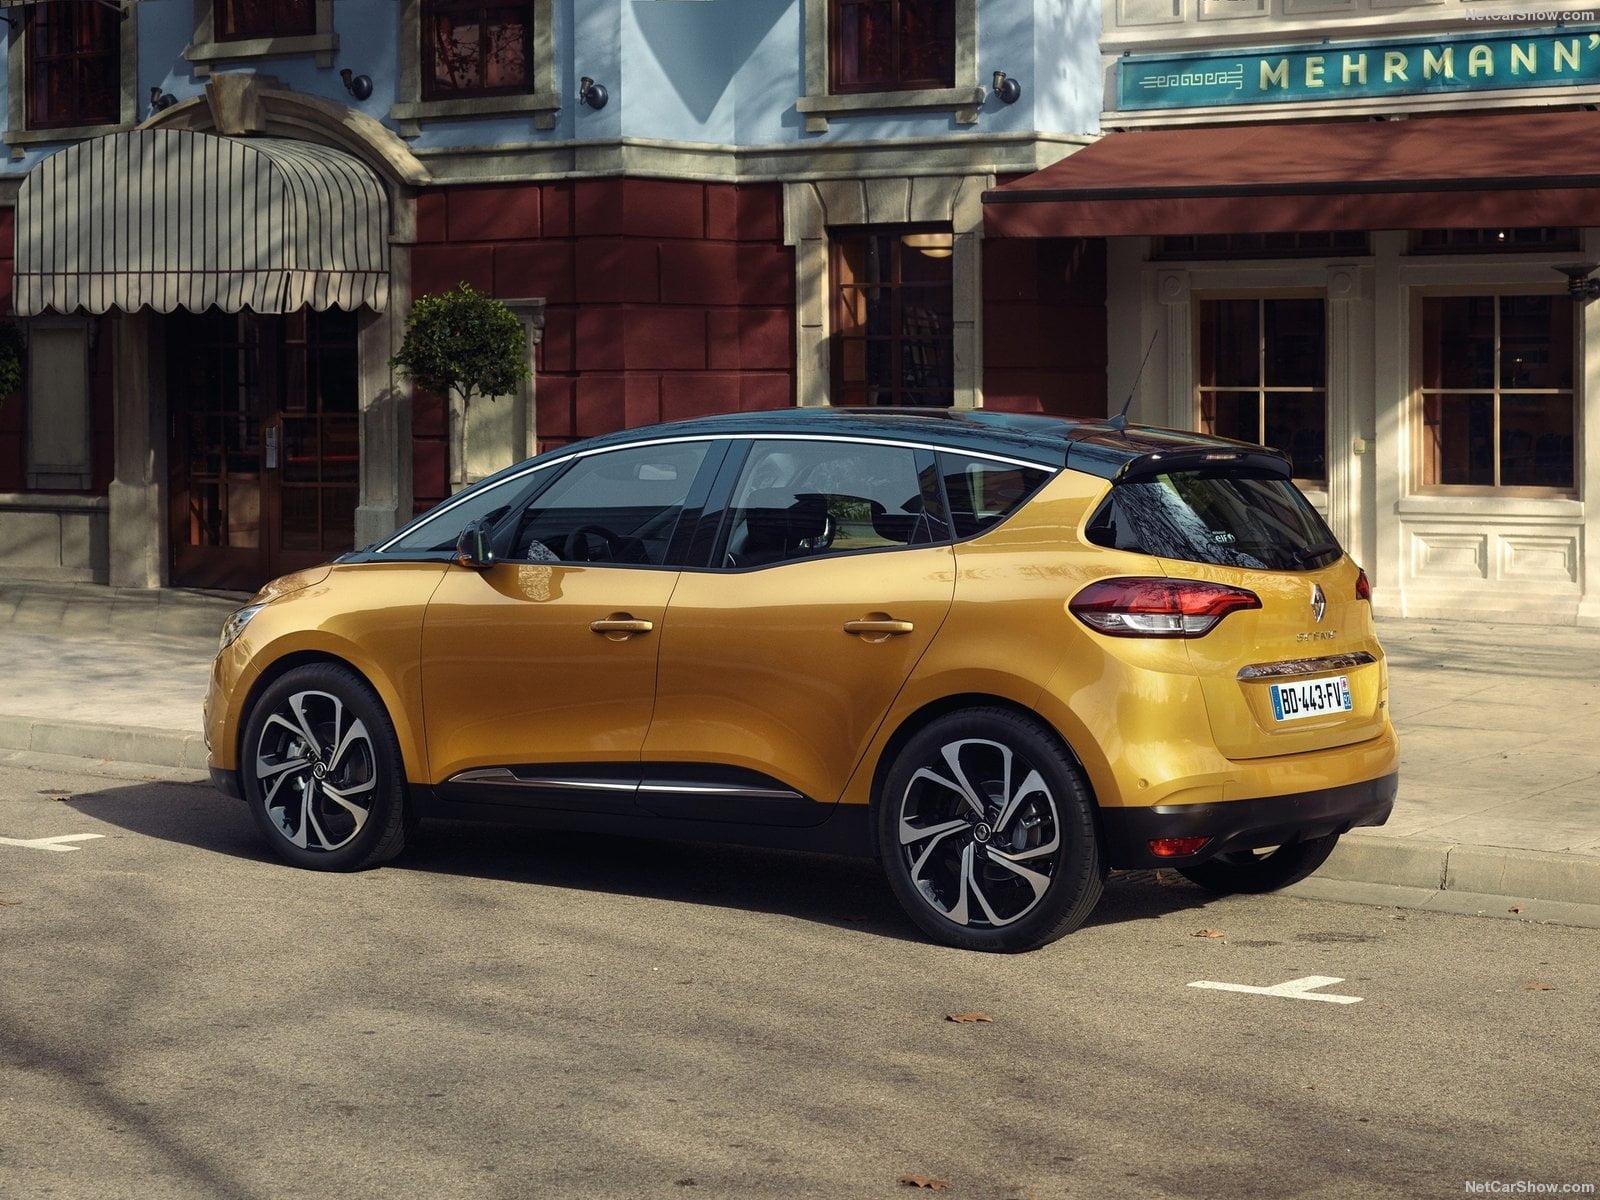 Portugal Auto Sales